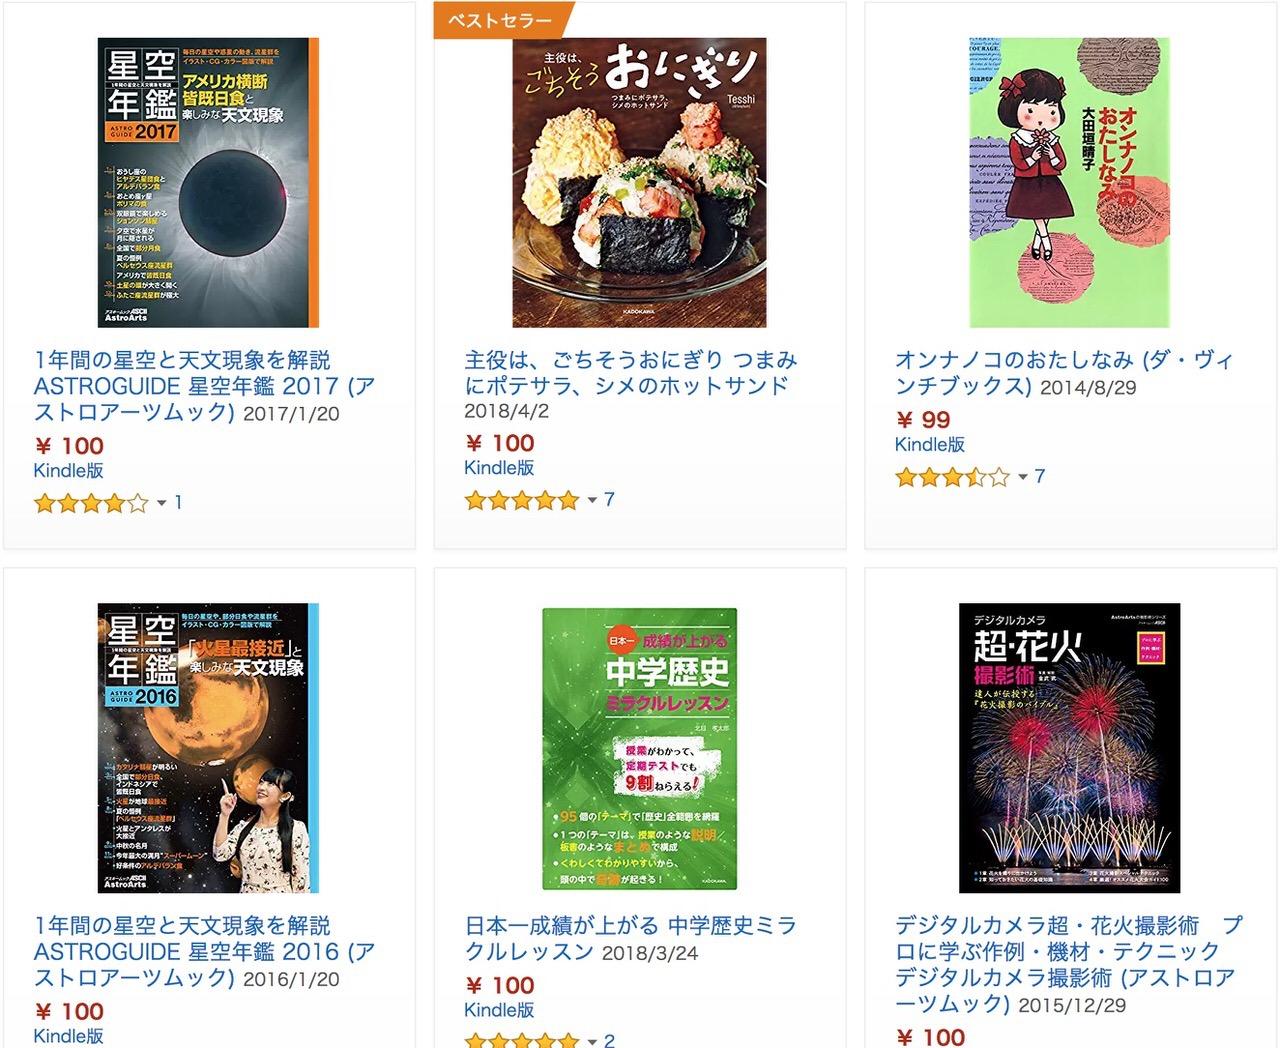 【Kindleセール】50%OFF以上「100円均一!秋のオトク本フェア」(9/20まで)